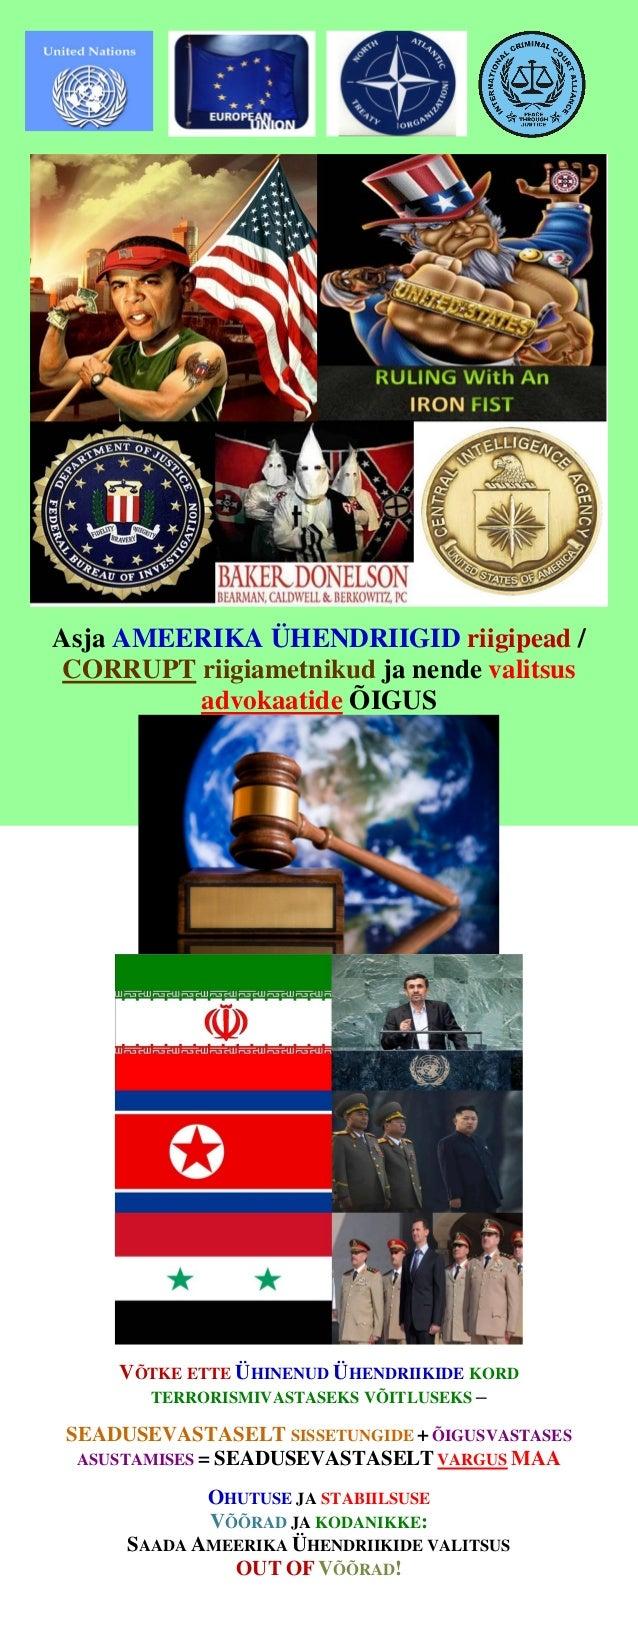 Asja AMEERIKA ÜHENDRIIGID riigipead / CORRUPT riigiametnikud ja nende valitsus advokaatide ÕIGUS VÕTKE ETTE ÜHINENUD ÜHEND...